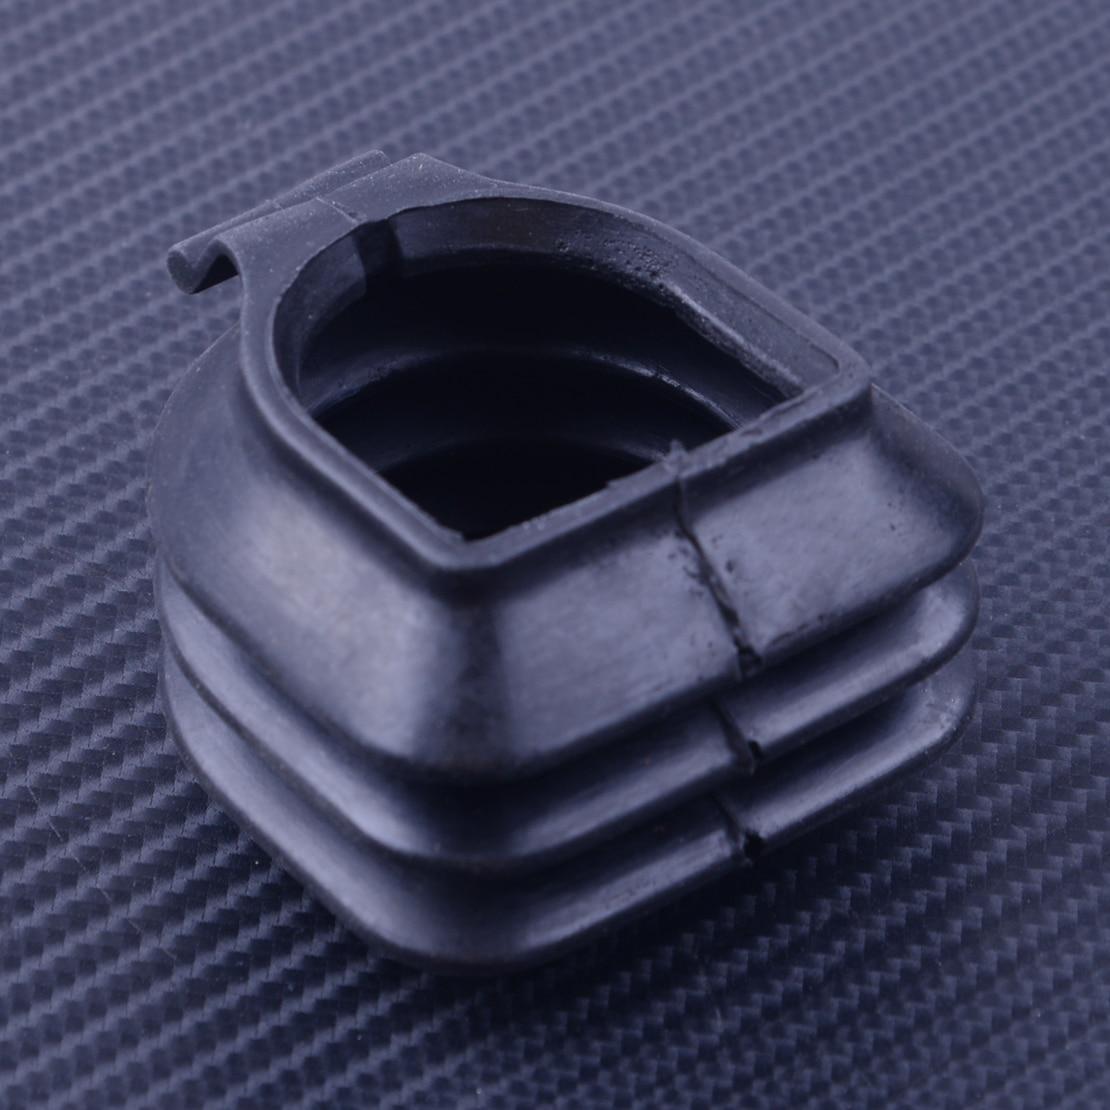 Transmisi Pergeseran Rod Selector Poros Pelindung Lengan BOOT 020301261 Cocok untuk VW Cabriolet Jetta Golf Mk1 Mk2 title=